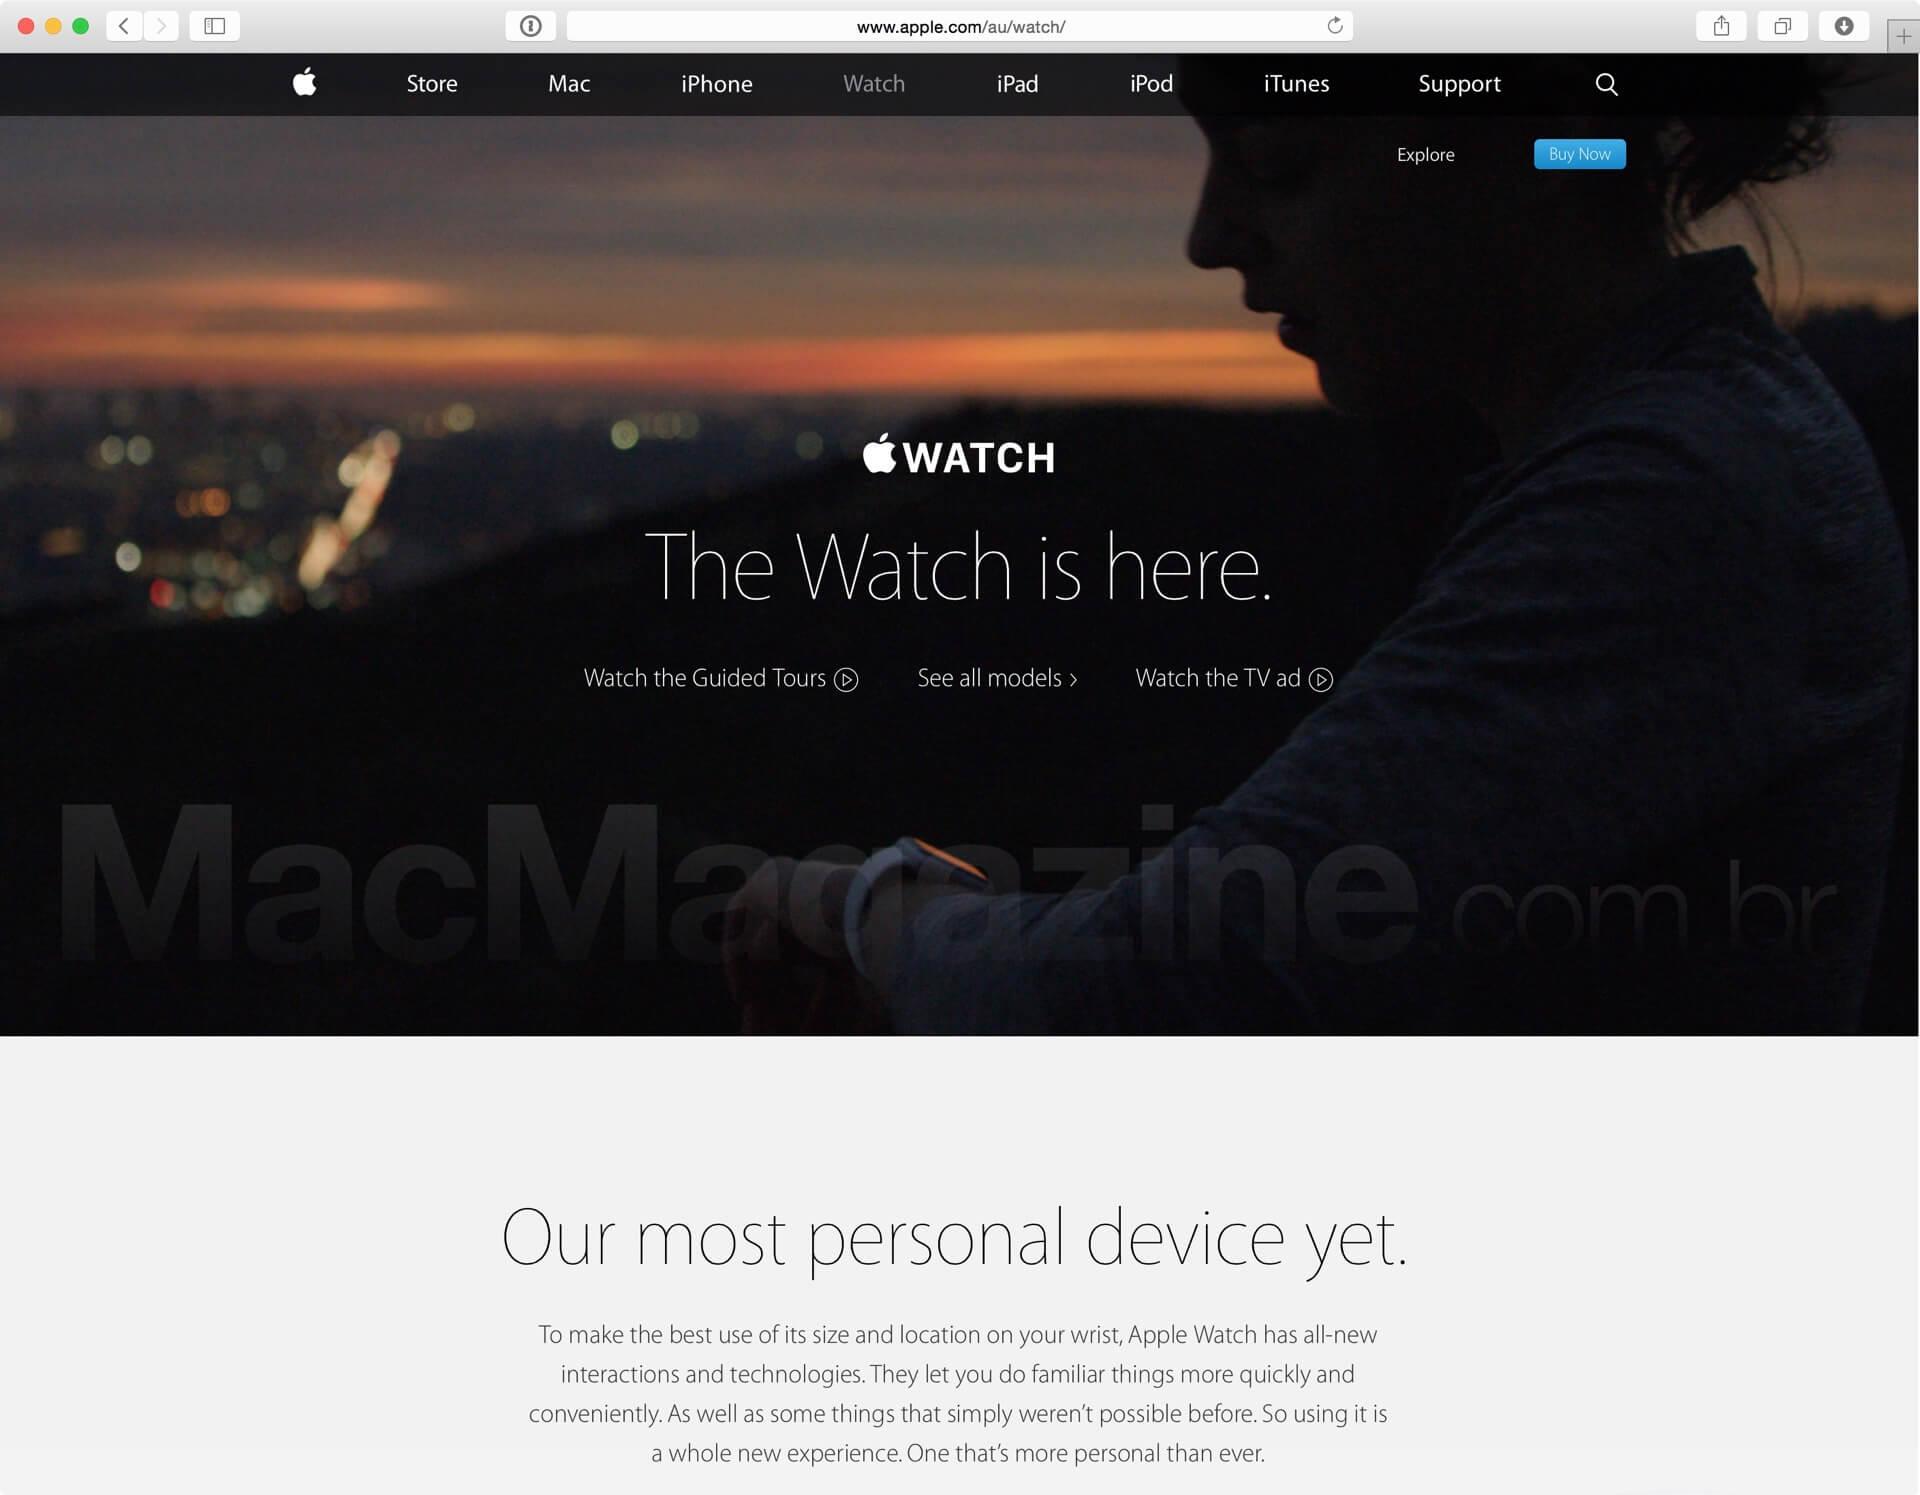 Página australiana do Apple Watch